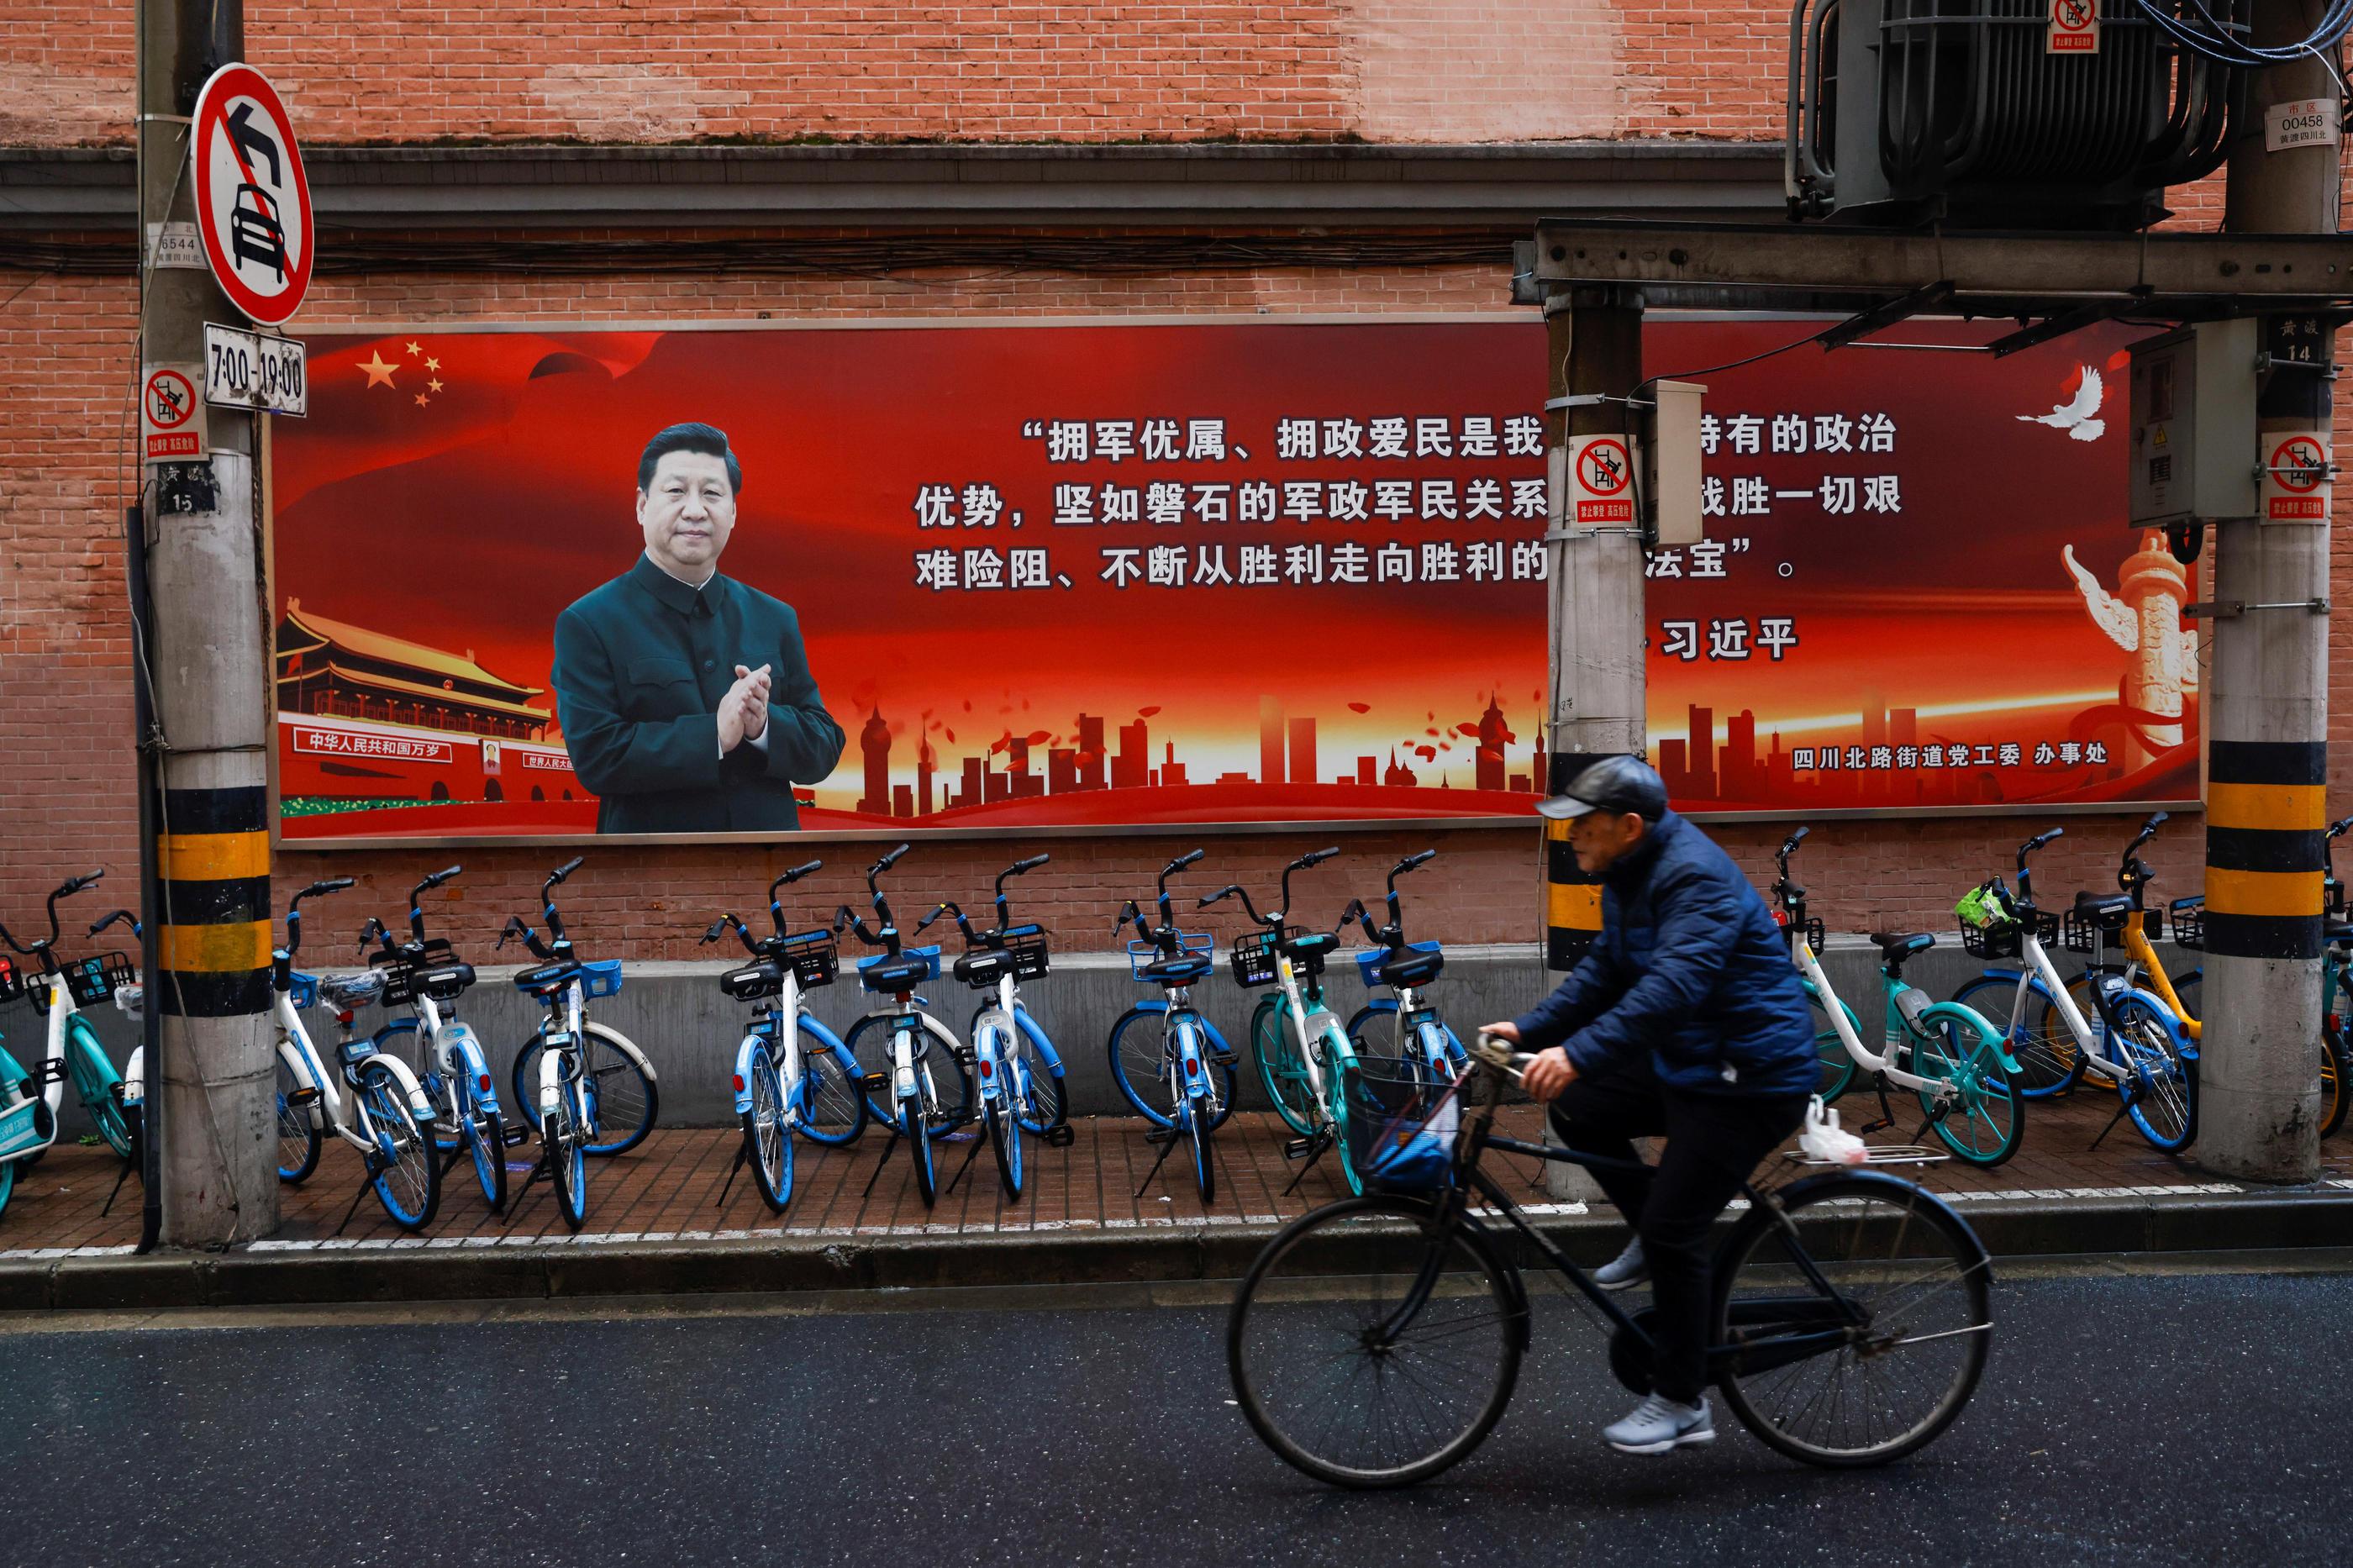 Le nombre de milliardaires explose en Chine, malgré la pandémie - Le Parisien